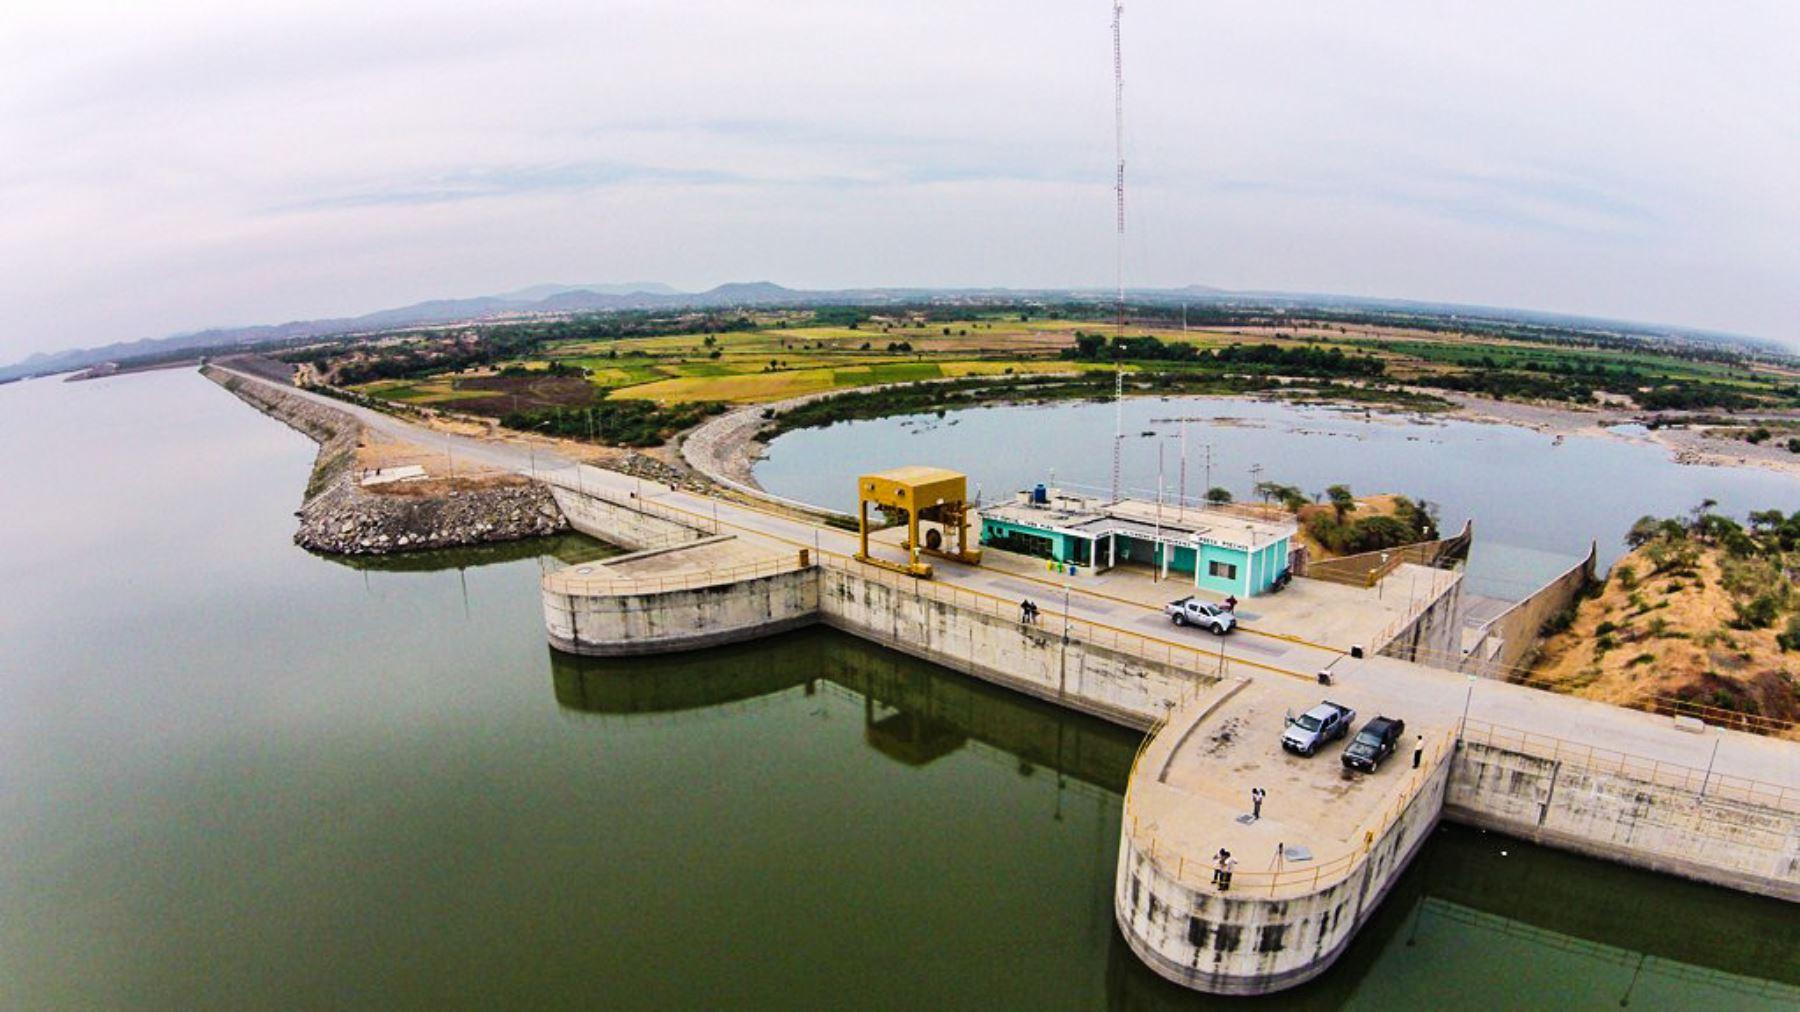 La ampliación del reservorio Poechos, que incrementará la capacidad de almacenamiento de agua en 200 millones de metros cúbicos de agua, es uno de los proyectos emblemáticos que la Autoridad para la Reconstrucción con Cambios (ARCC) impulsará este año en la región Piura. ANDINA/Difusión